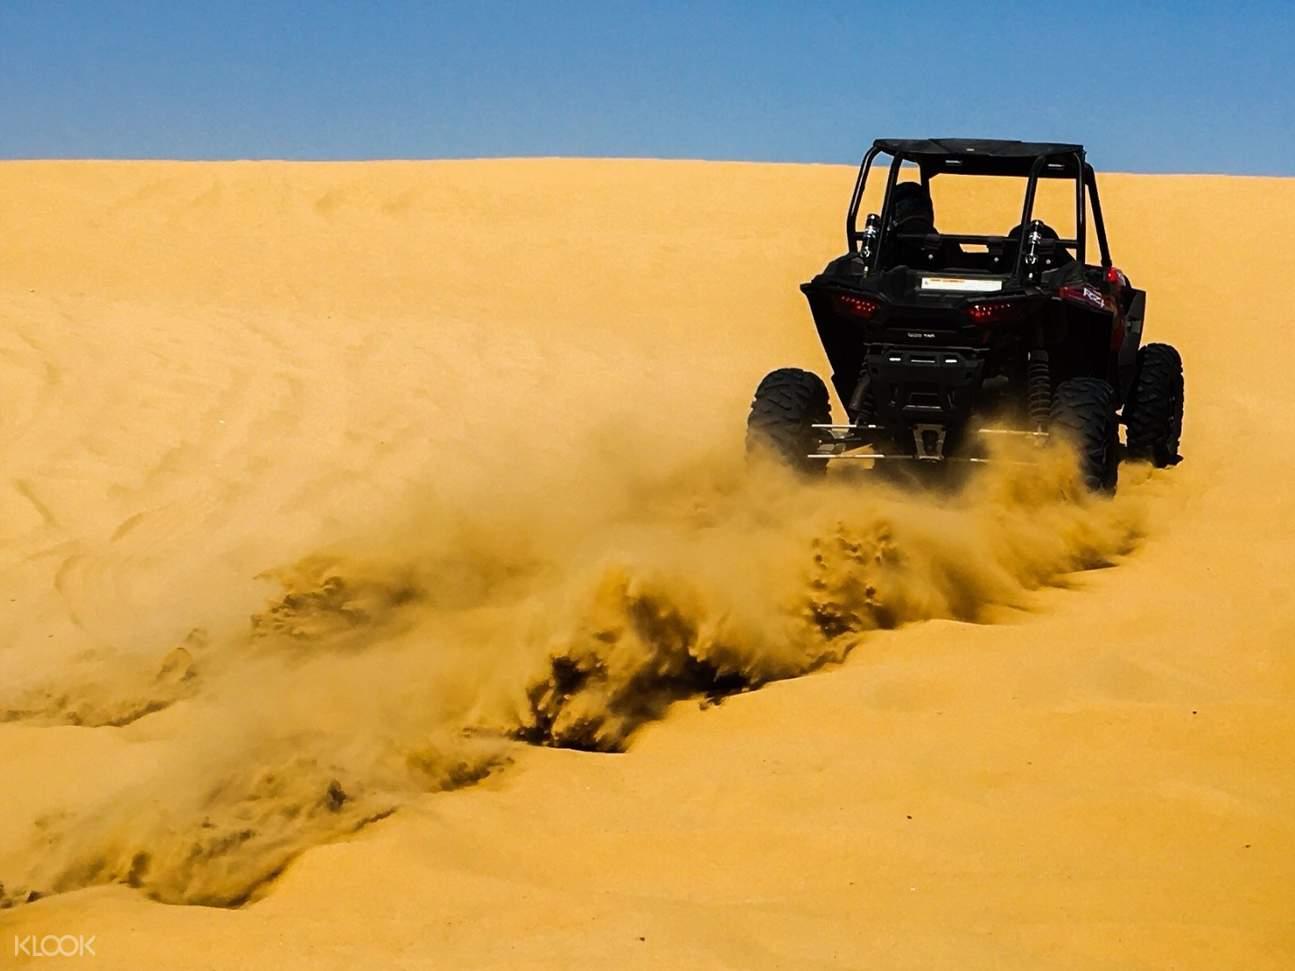 迪拜沙丘越野晨间冒险